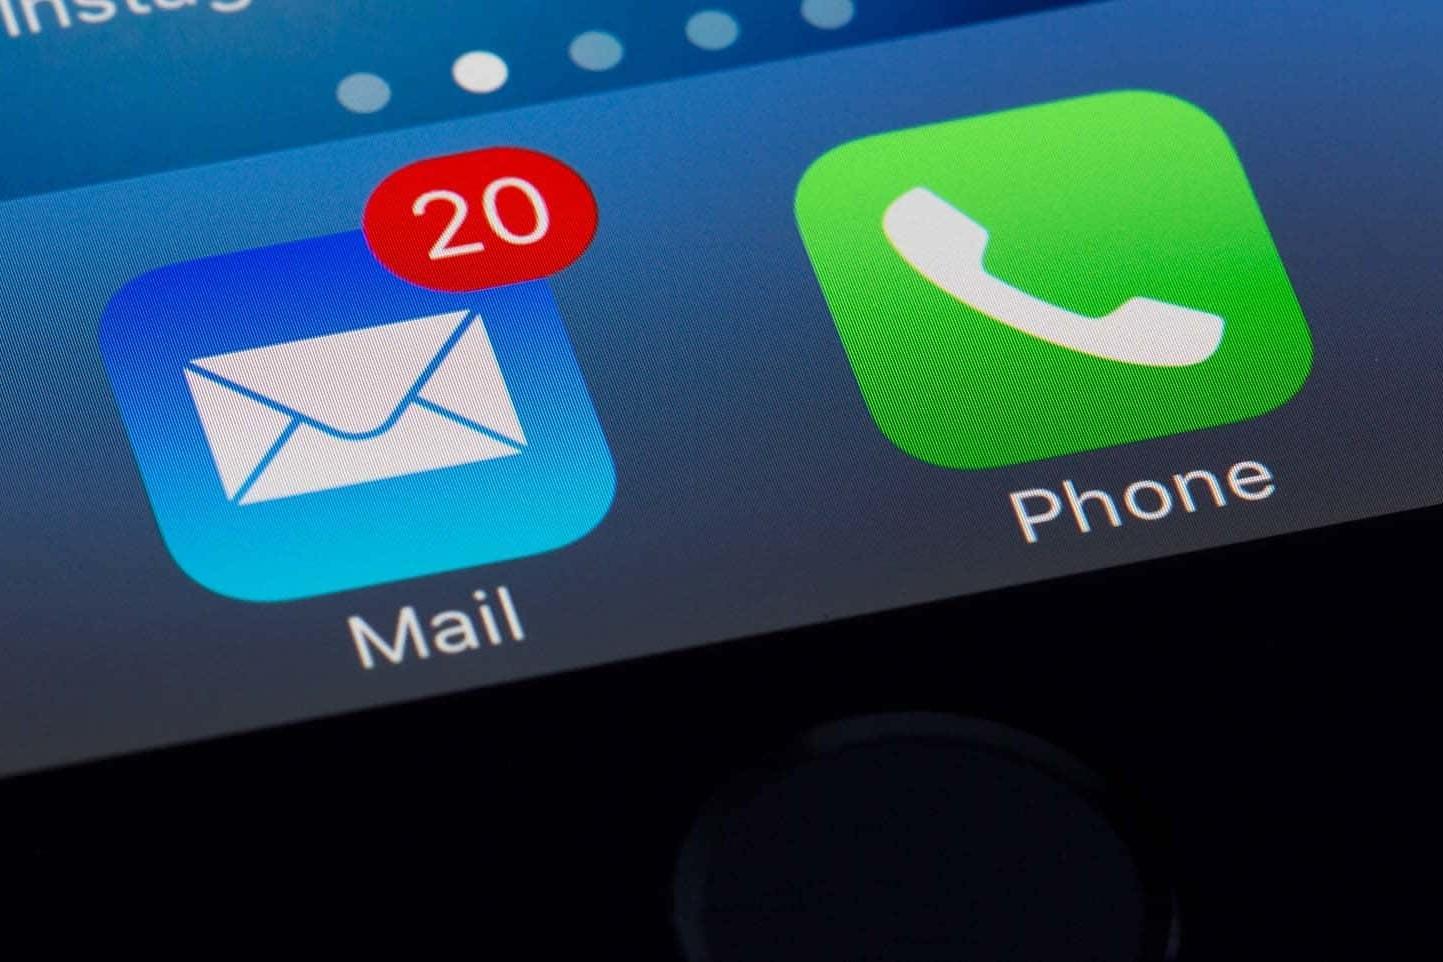 app di posta con notifica di messaggi in arrivo: attenzione alle email di phishing